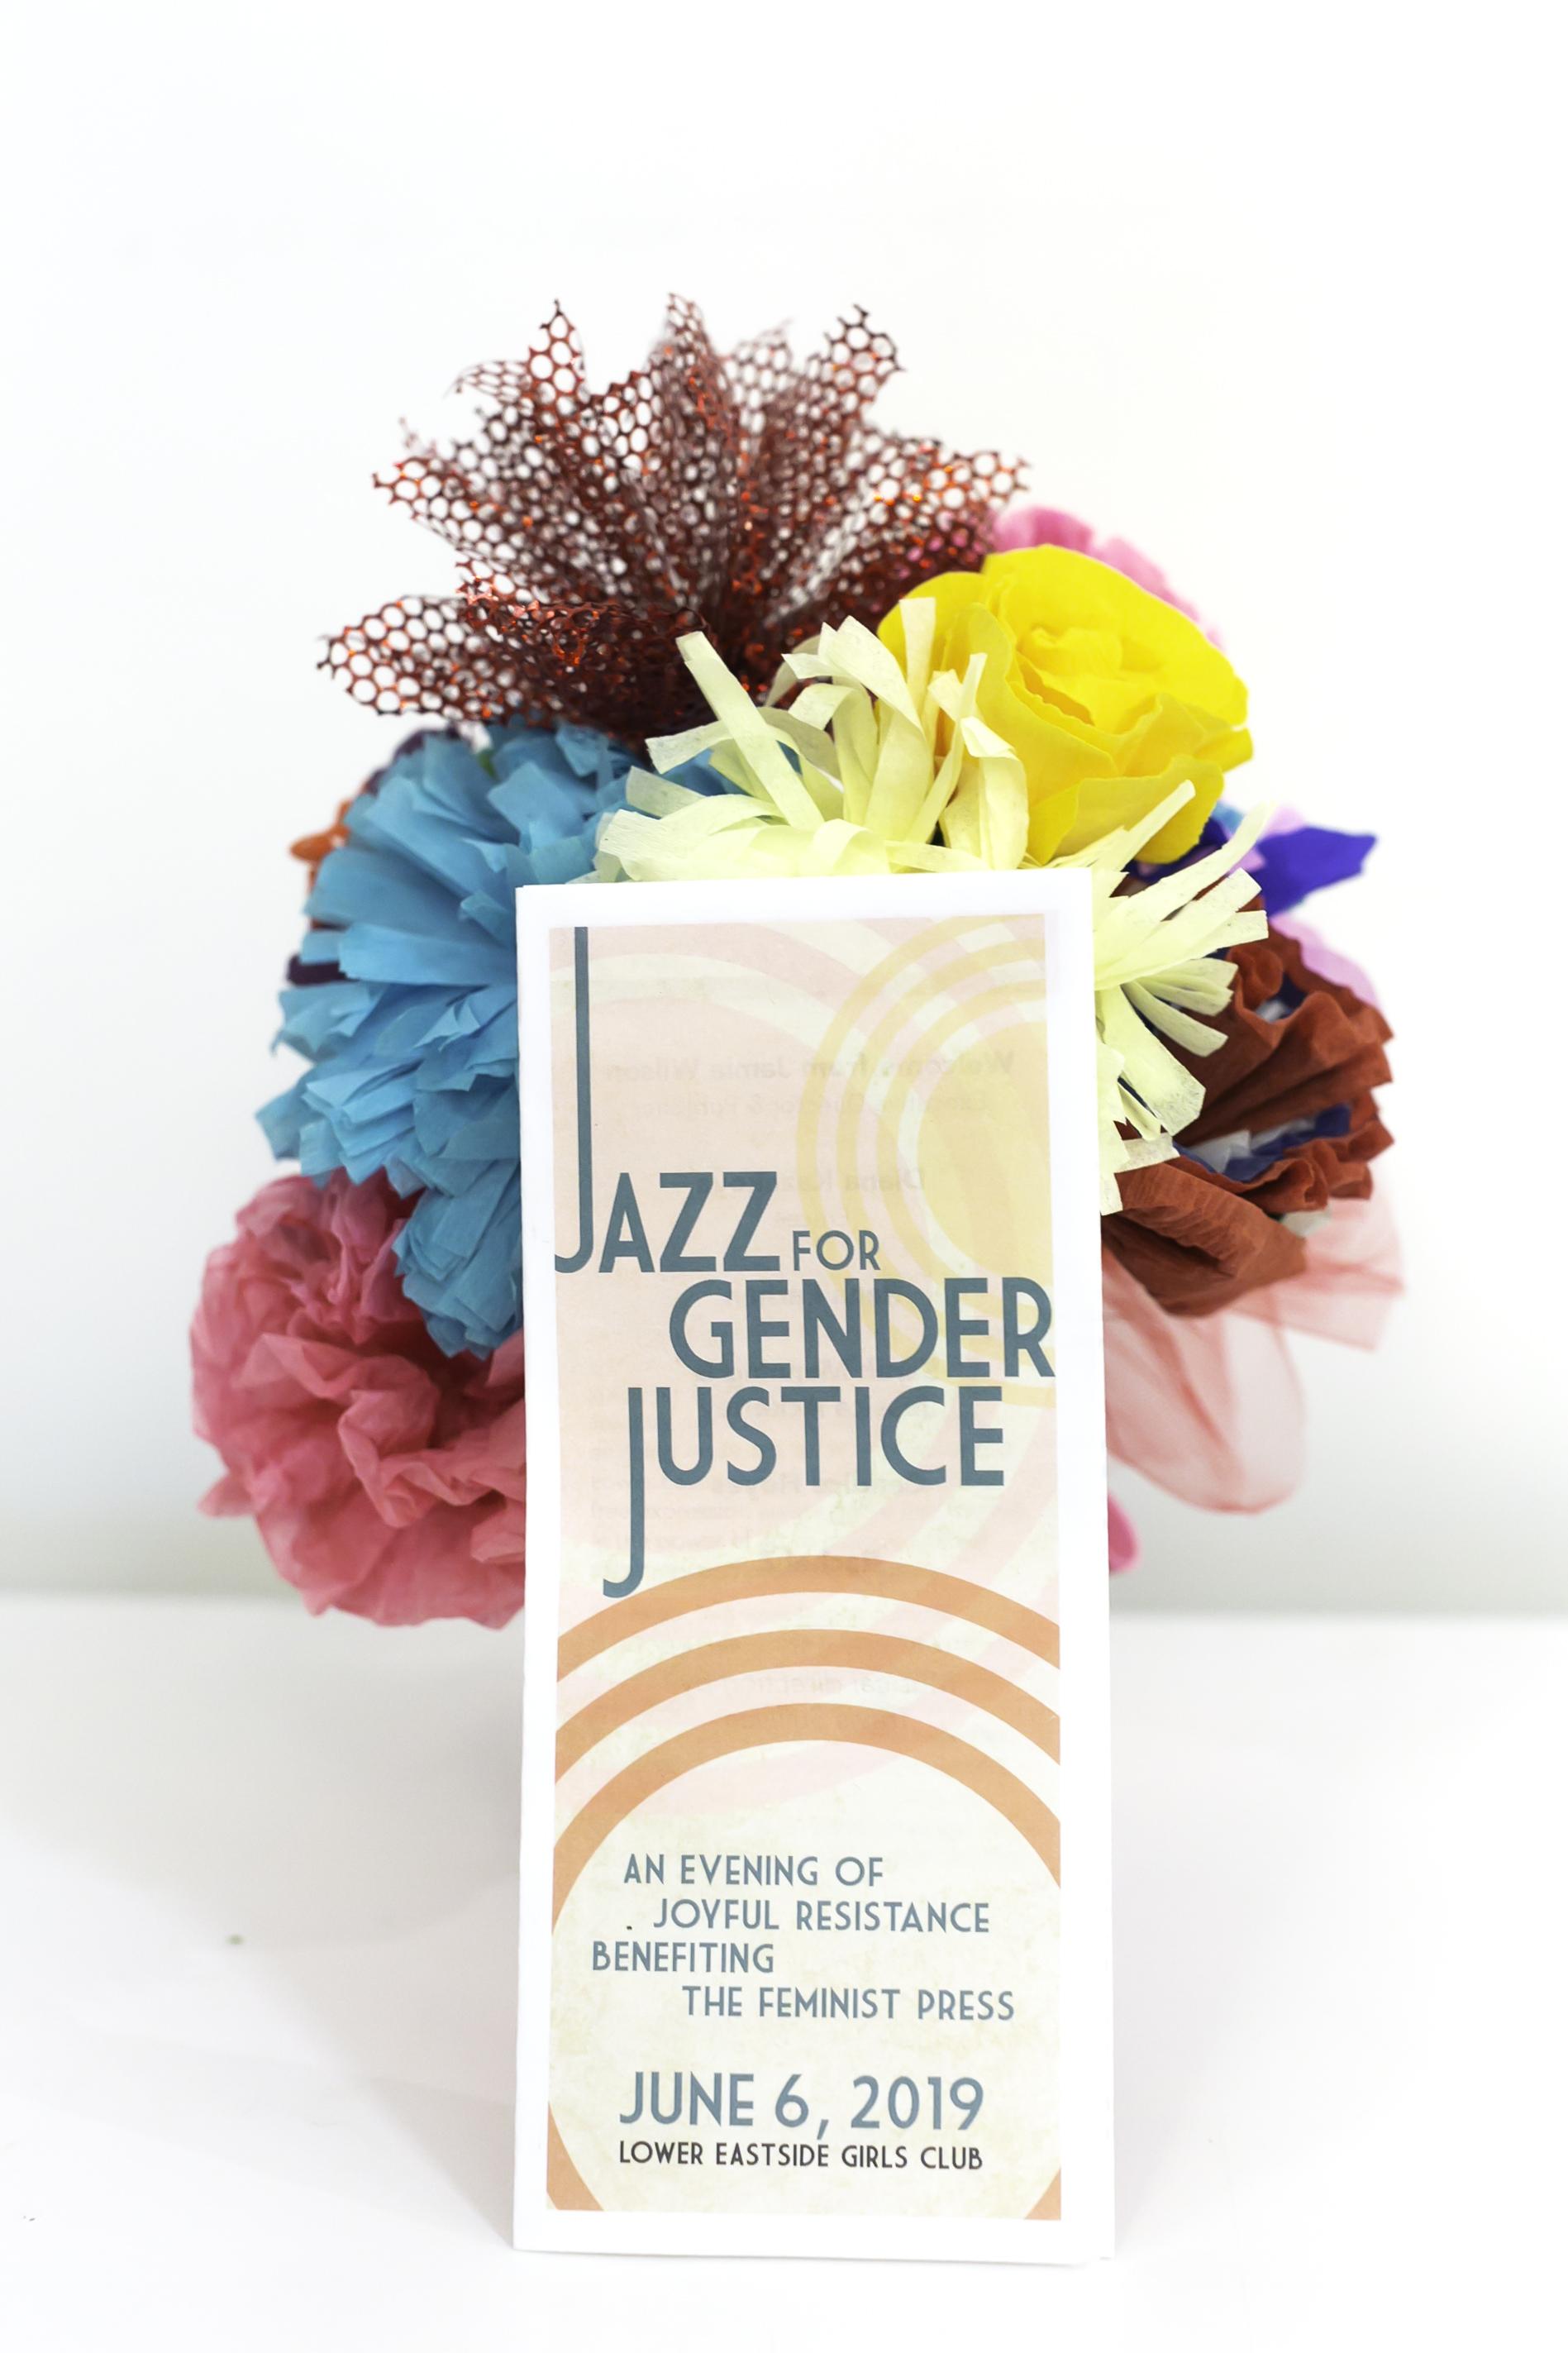 JazzForGenderJustice-6-6-19_5.jpg